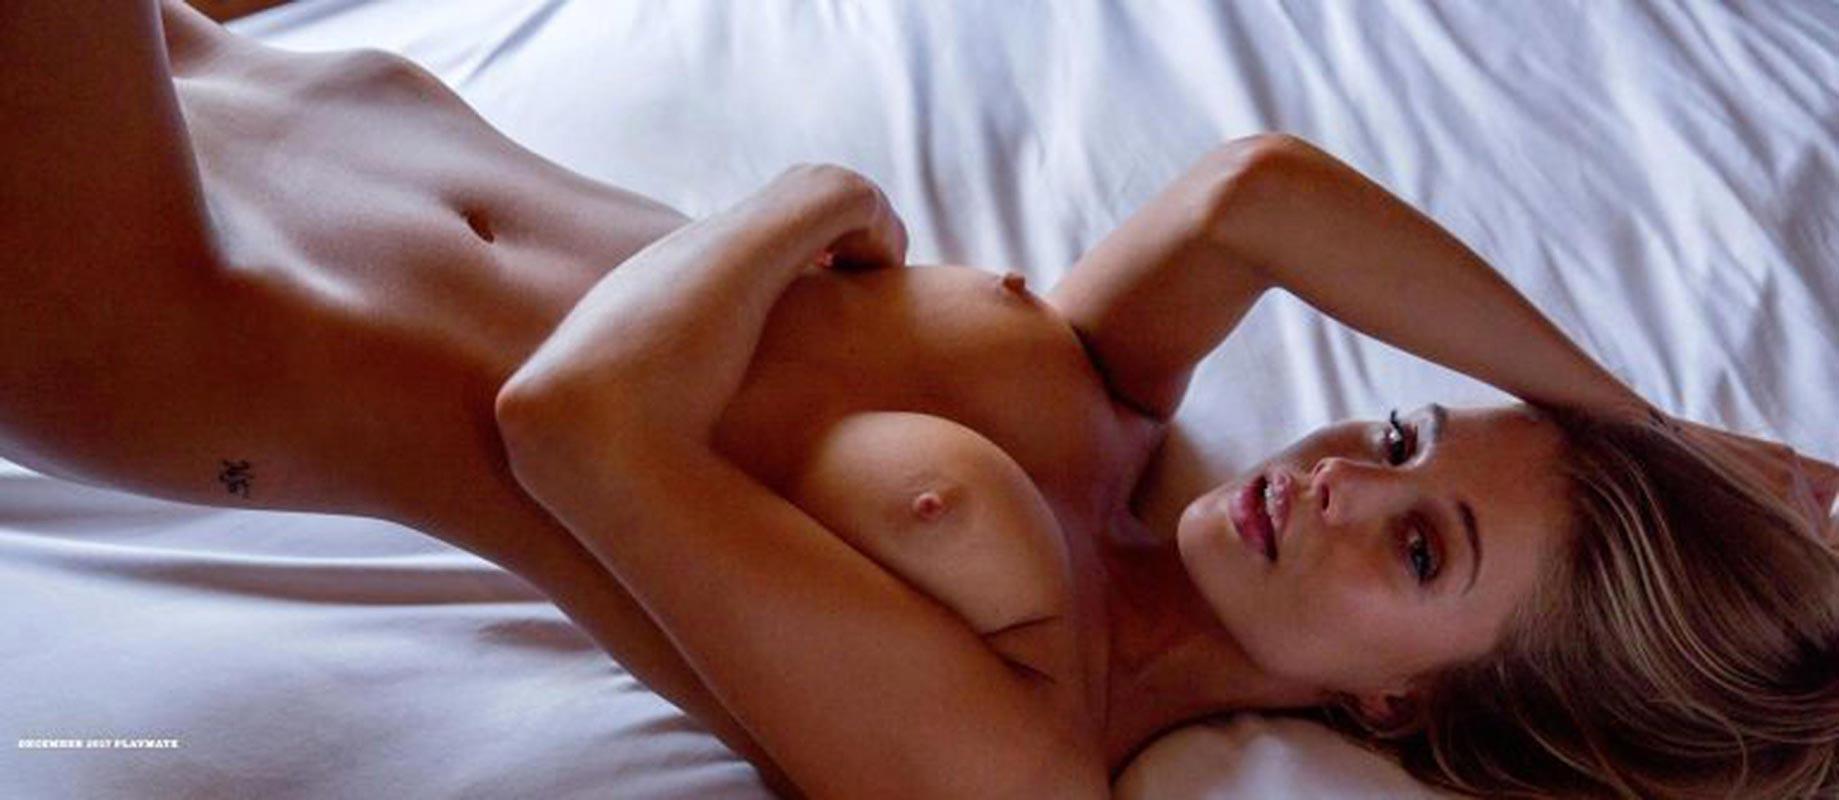 kristen stewart sex naked